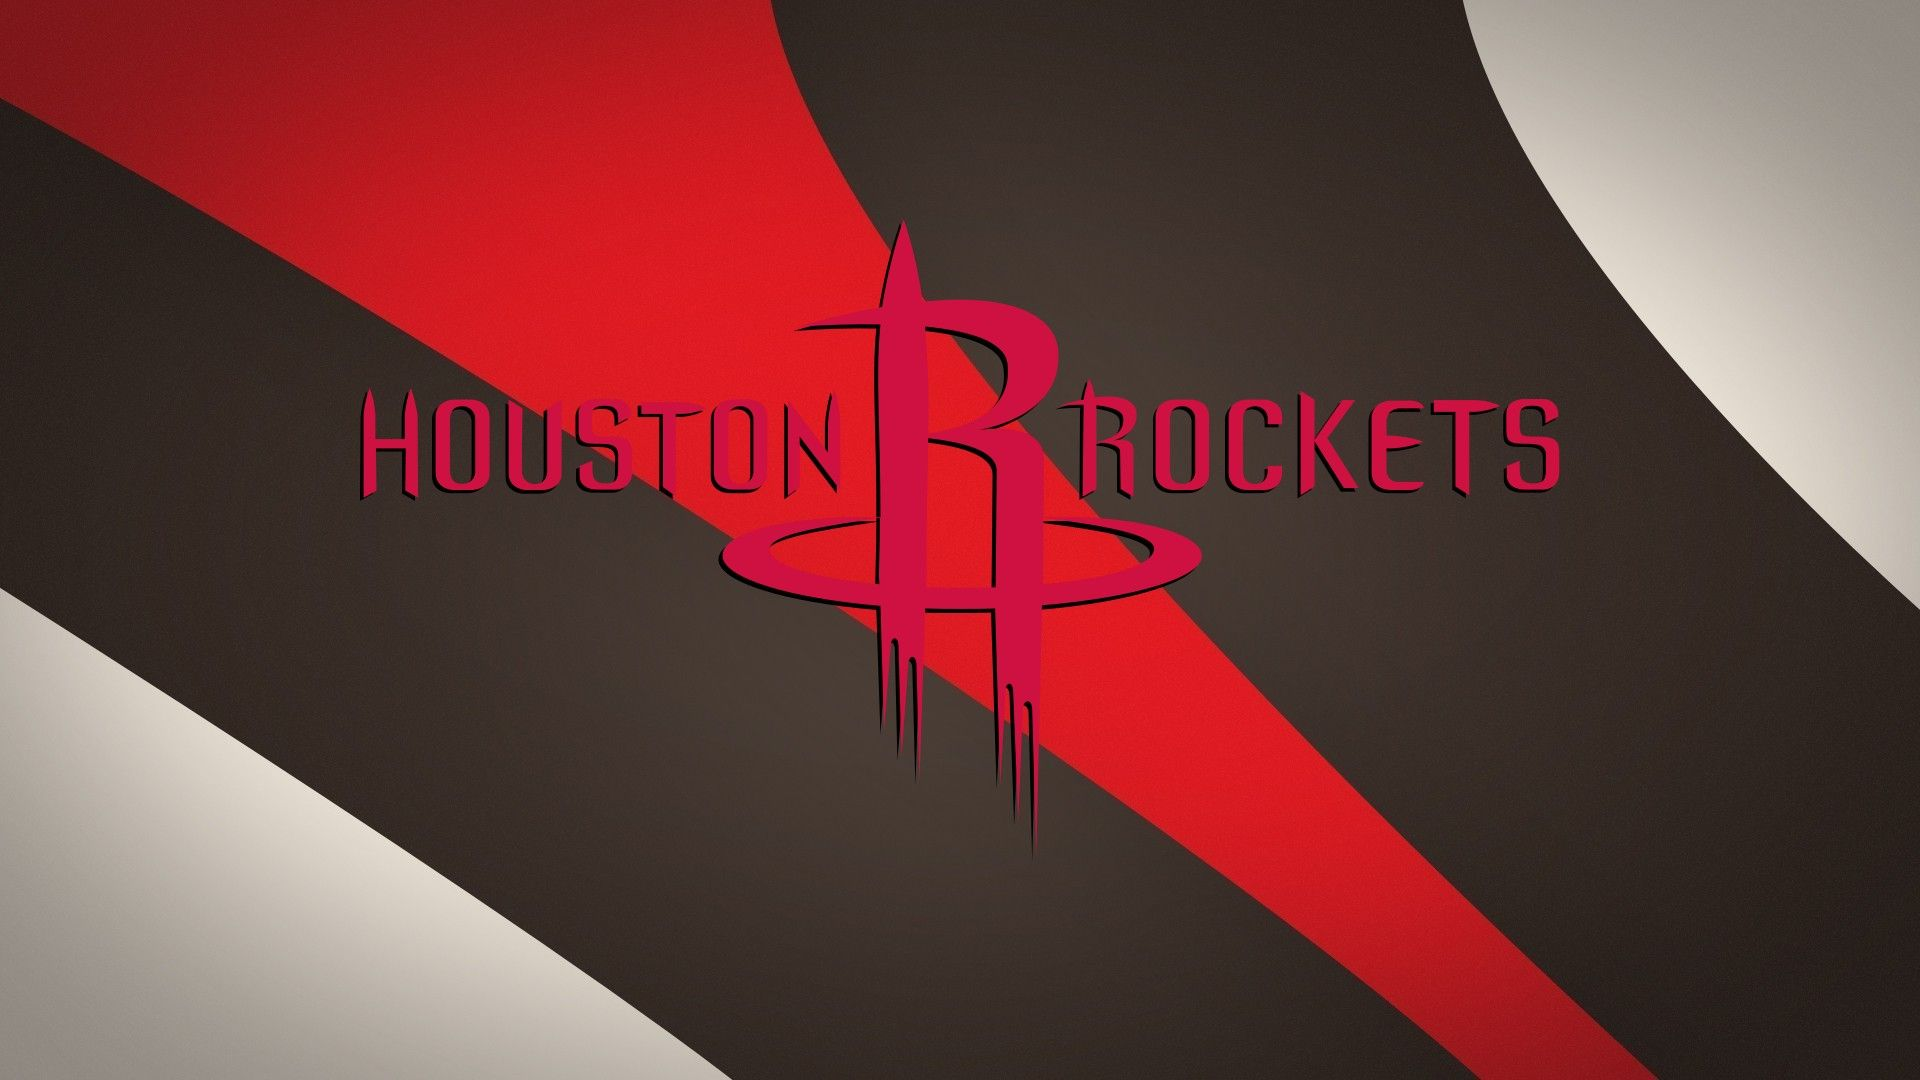 rockets wallpaper hd basketball